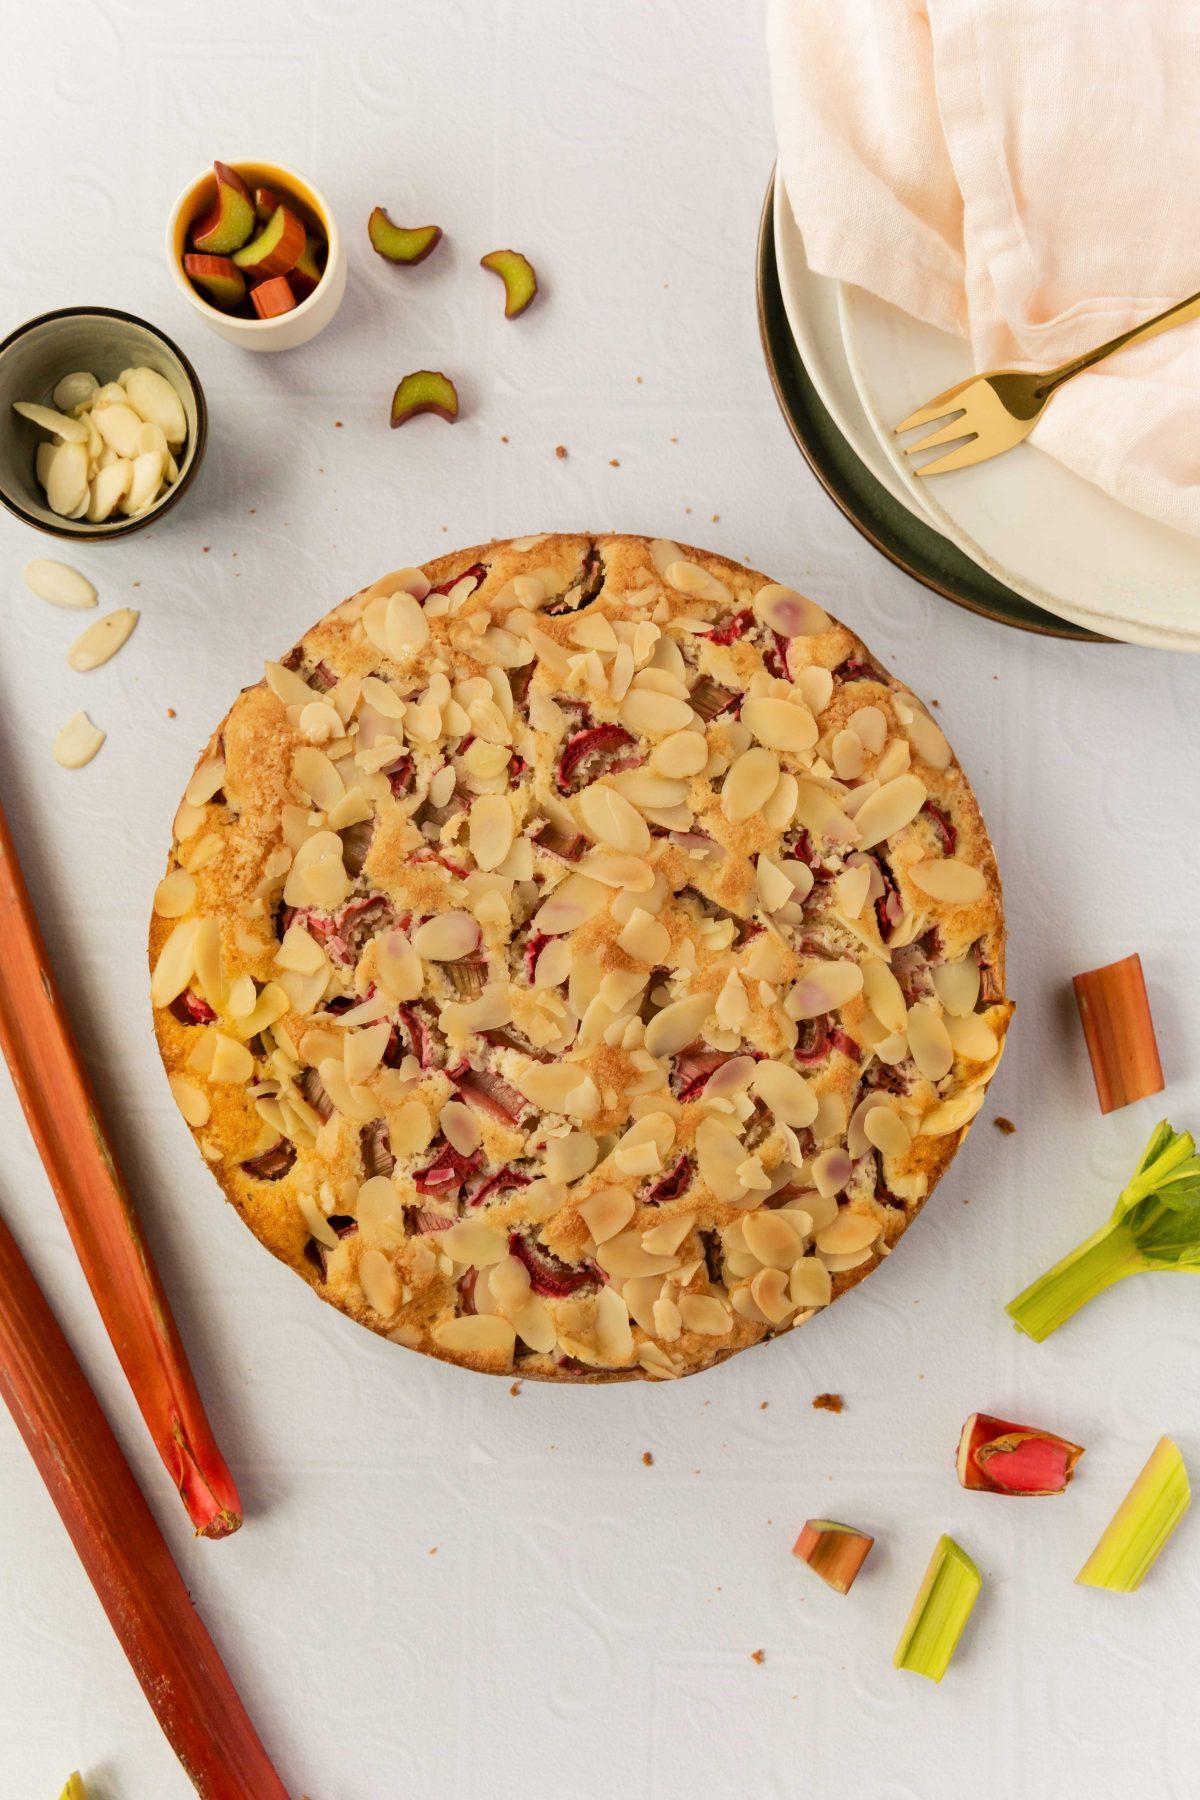 Rhabarber Mandel Kuchen mit Amaretto // Rhubarb almond Cake with amaretto by https://babyrockmyday.com/rhabarber-mandel-kuchen/